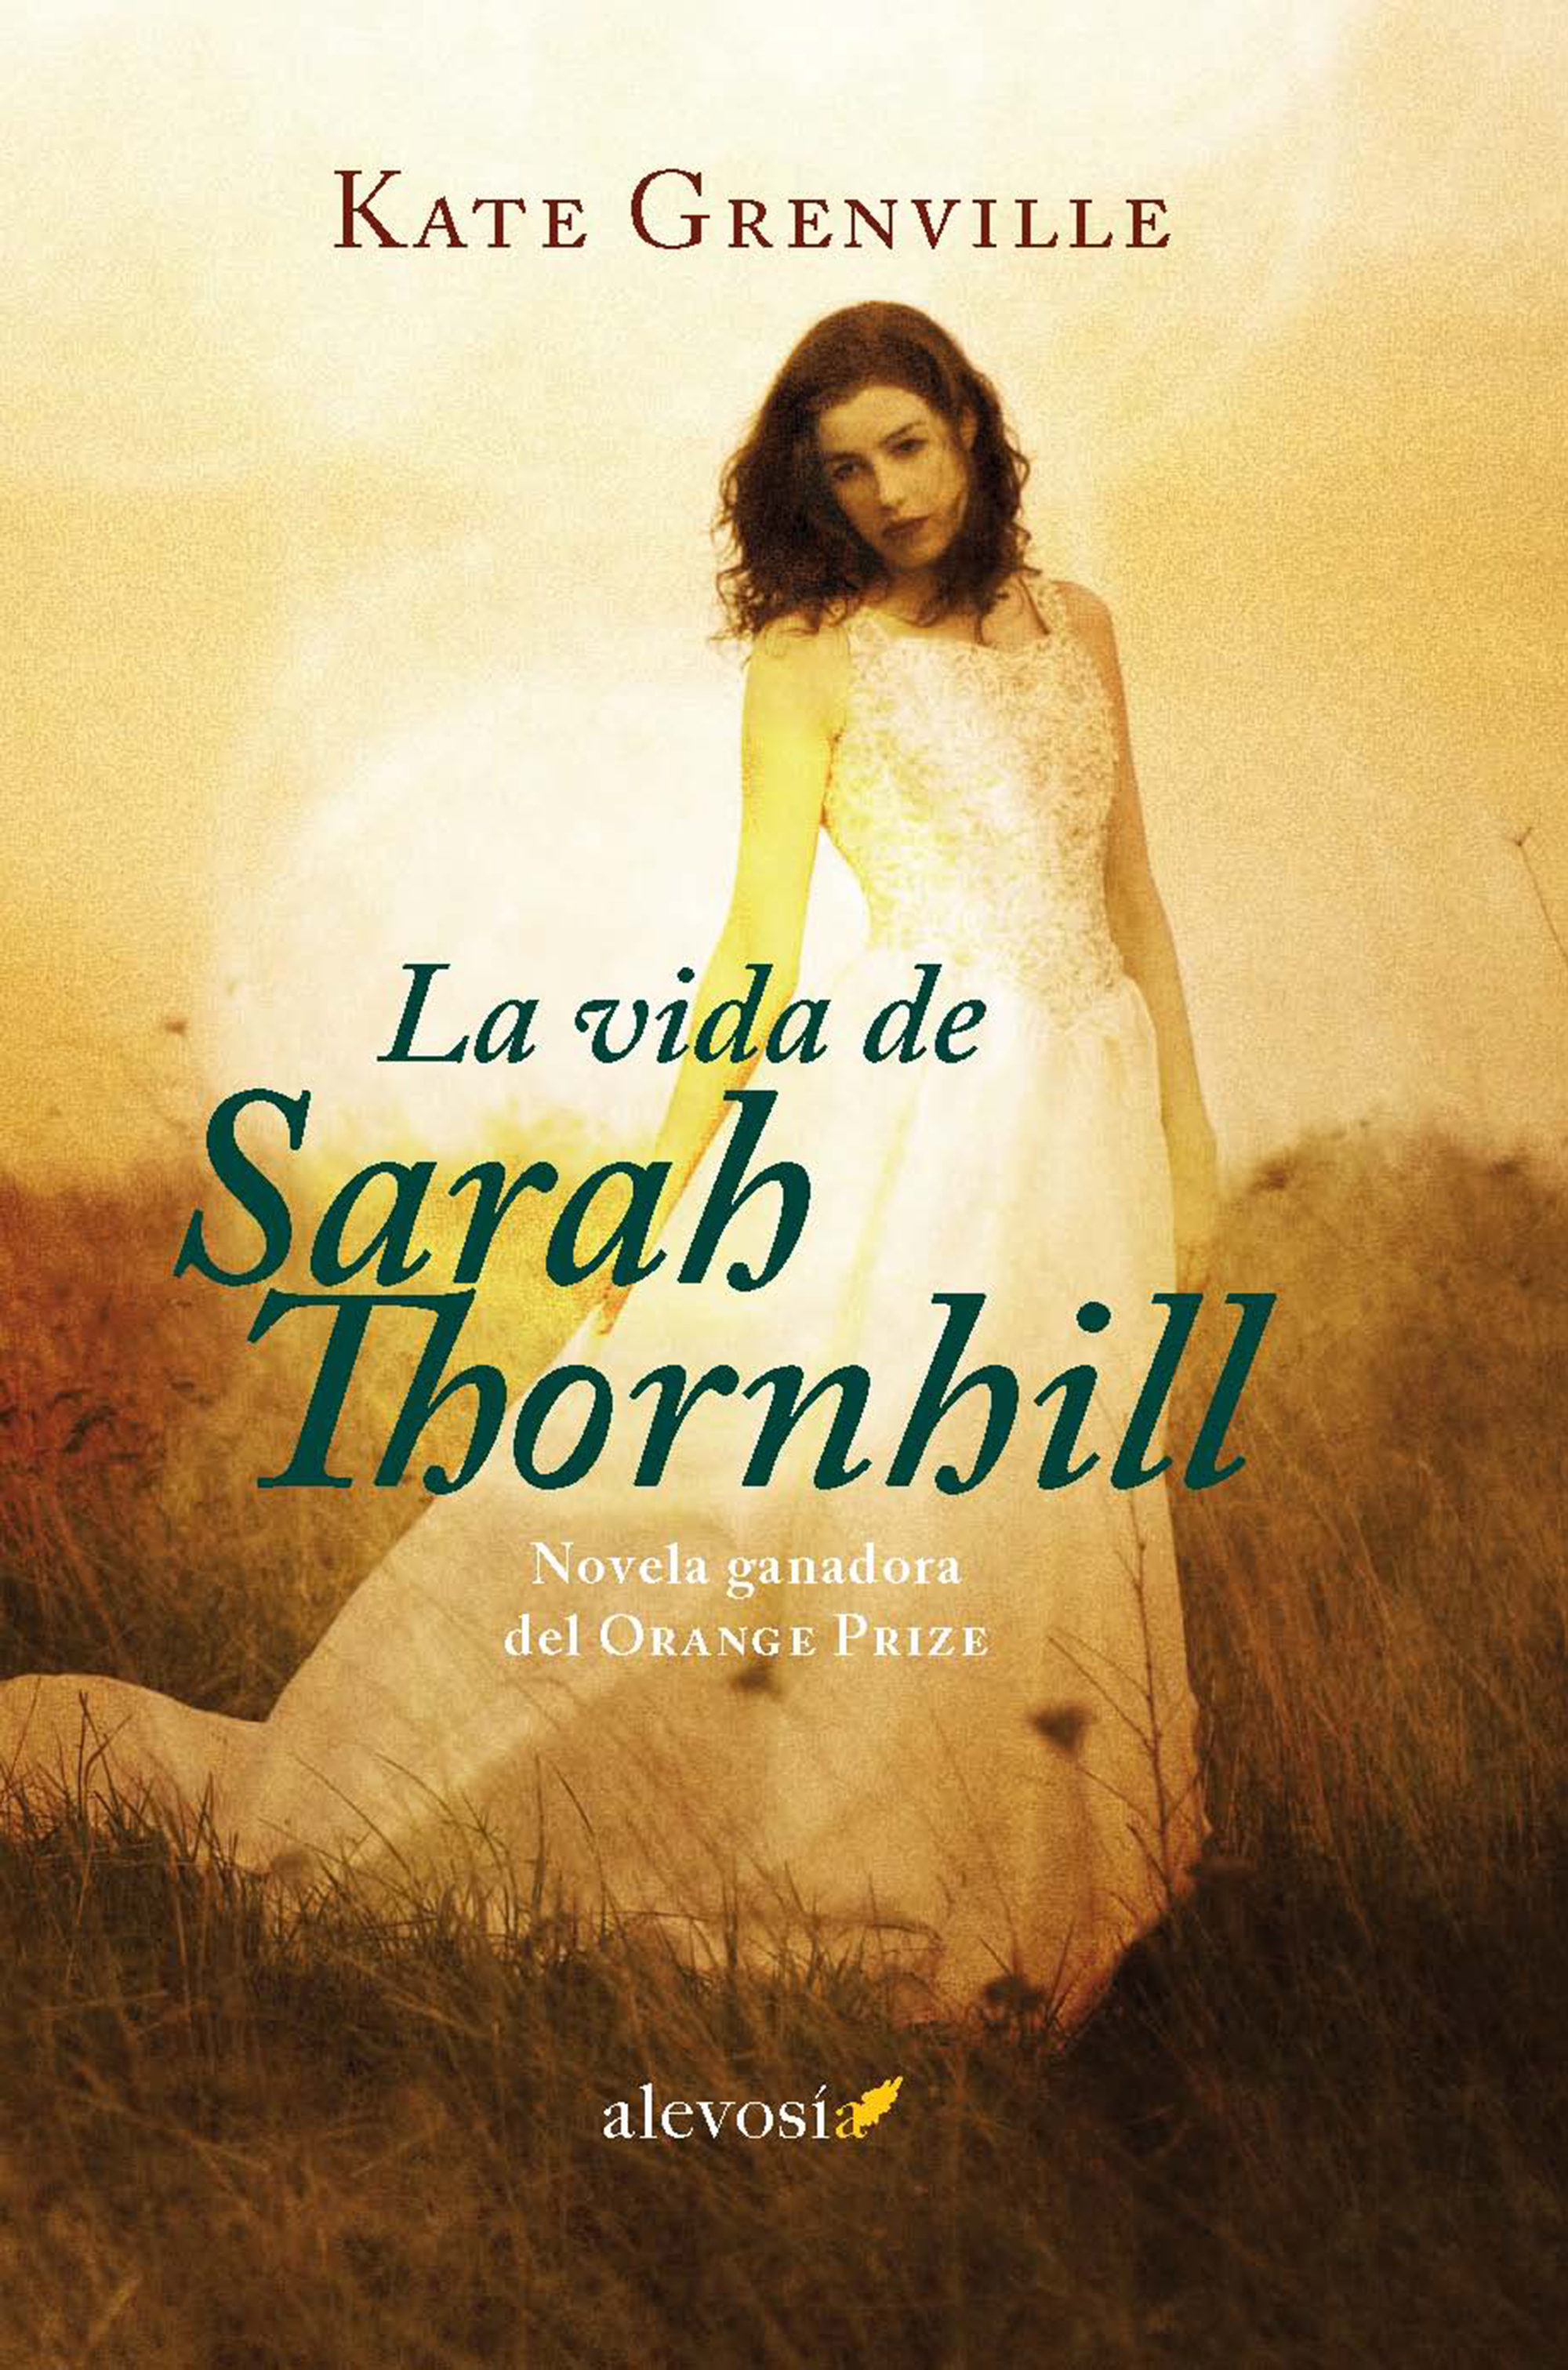 Resultado de imagen de La vida de Sarah Thornhill, de Kate Grenville